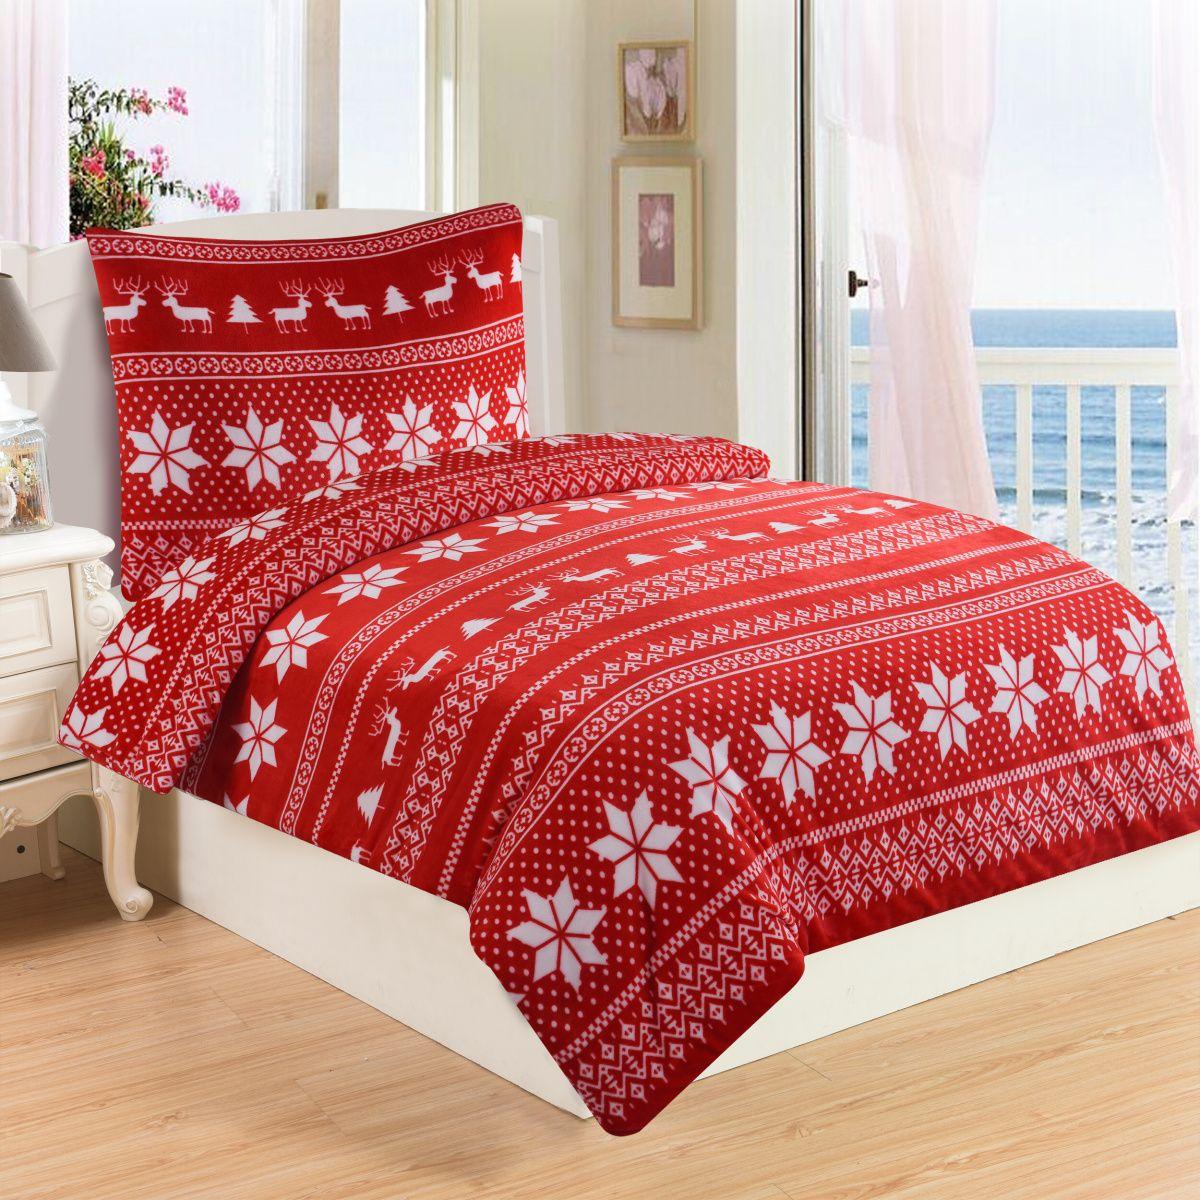 Vianočné obliečky mikroflanel Winter v červenej farbe s motívom vločiek a sobov, Jahu